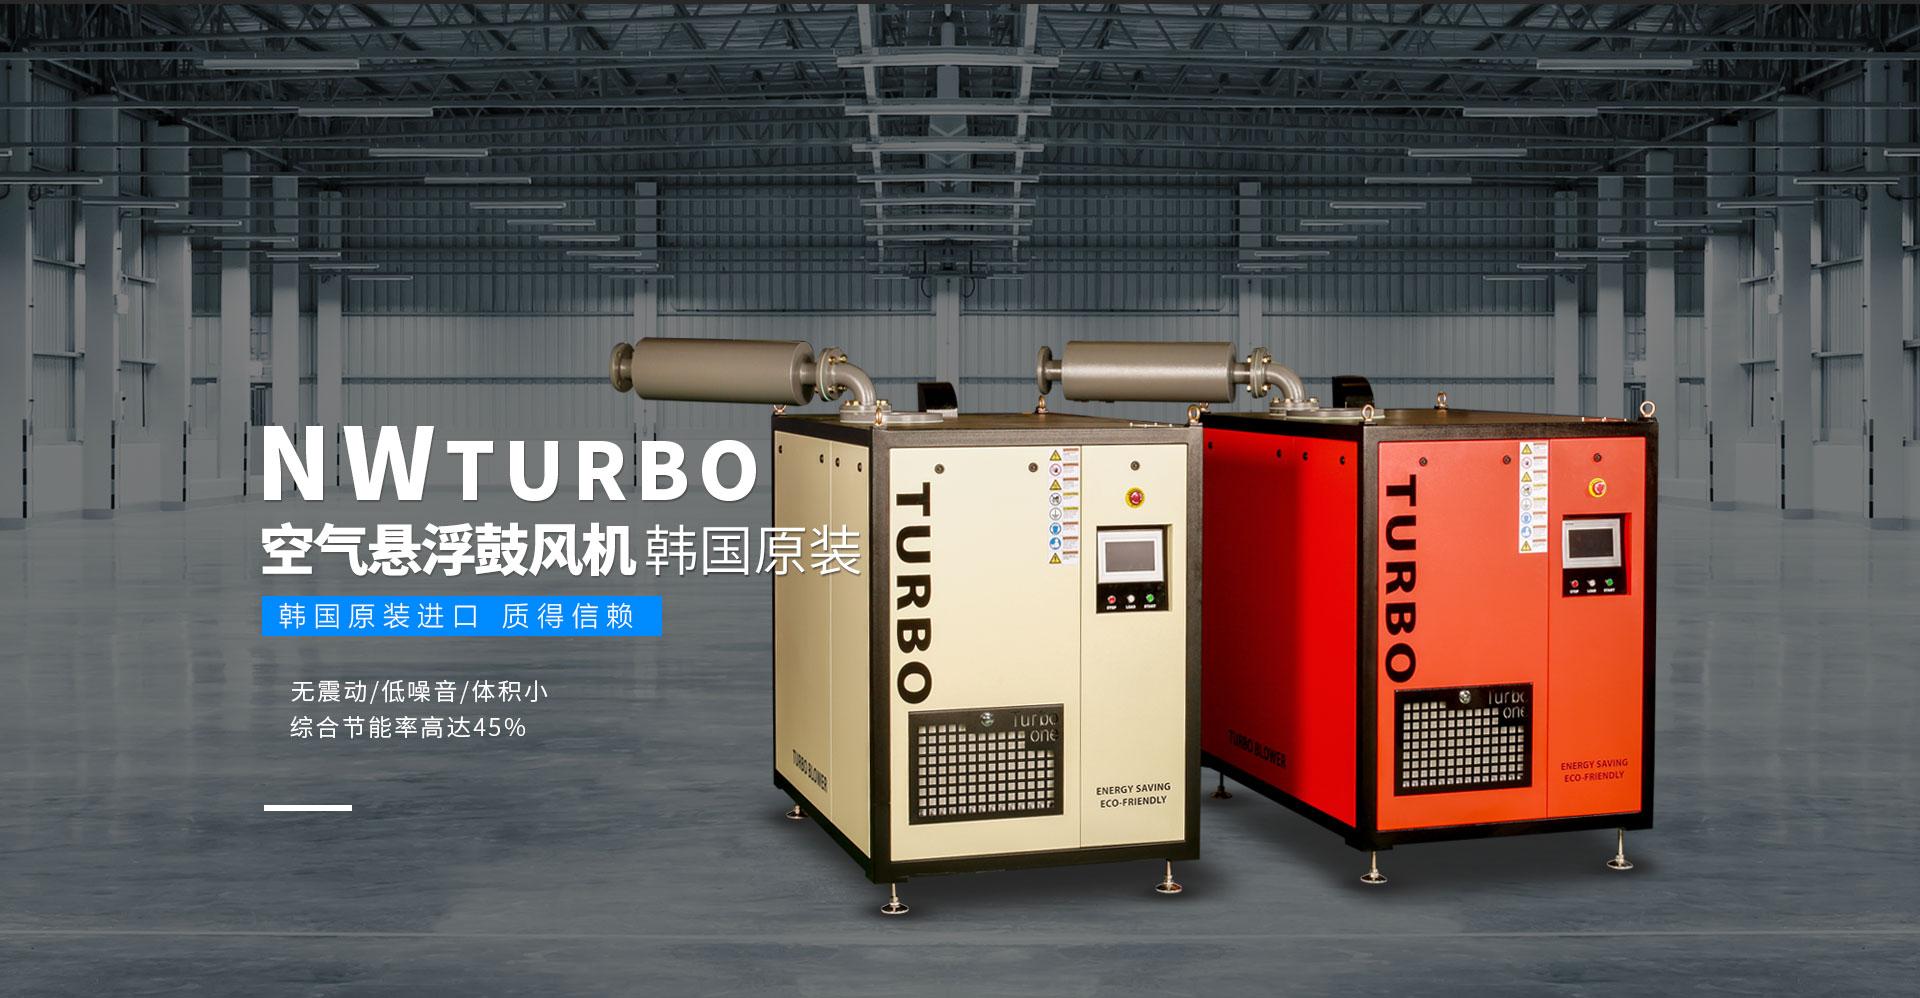 NW TURBO空气悬浮鼓风机韩国原装